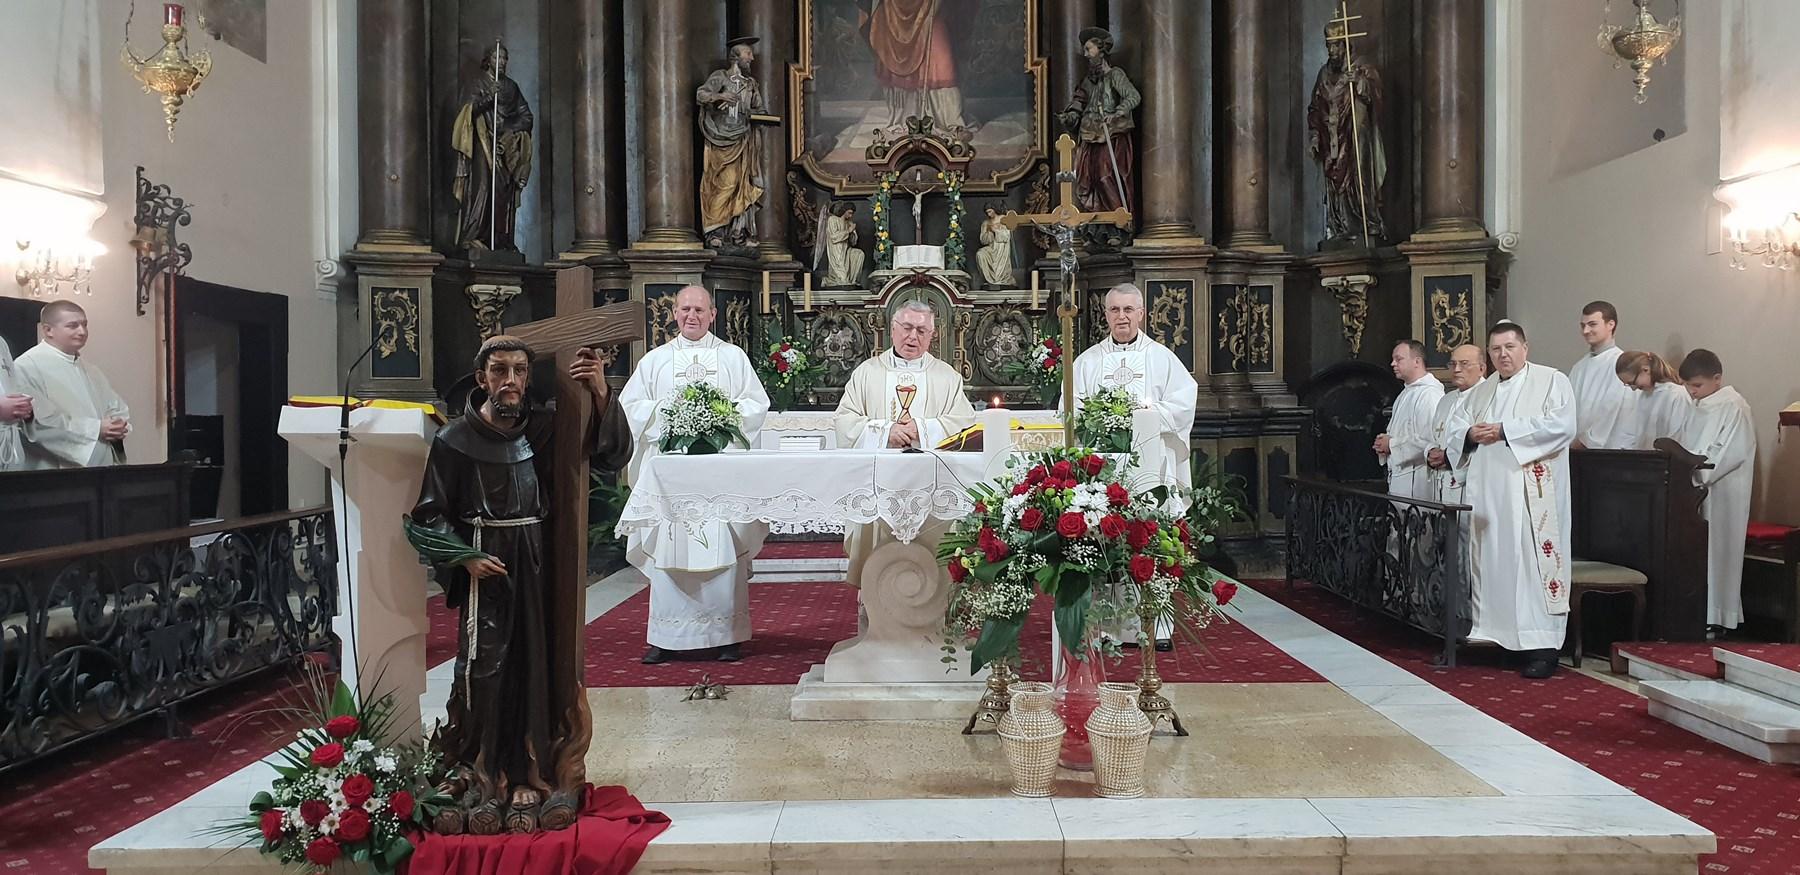 Mons. Juraj Batelja na završetku godišnjeg klanjanja u Župi sv. Nikole biskupa u Varaždinu